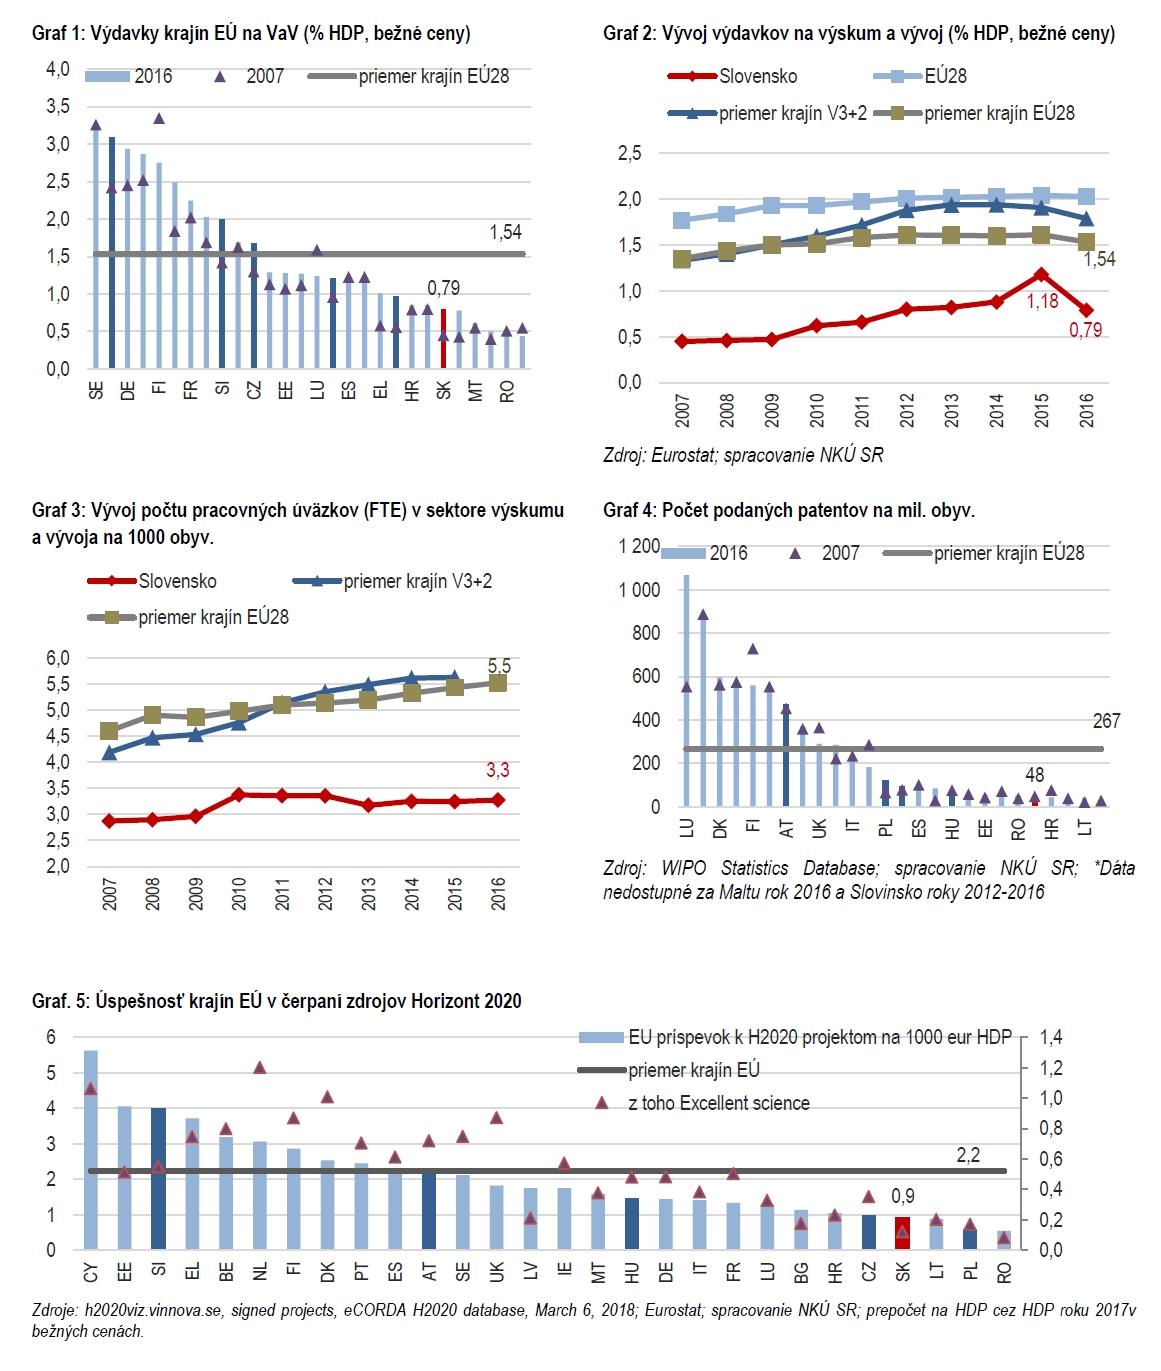 Financovanie výskumu a vývoja - grafy